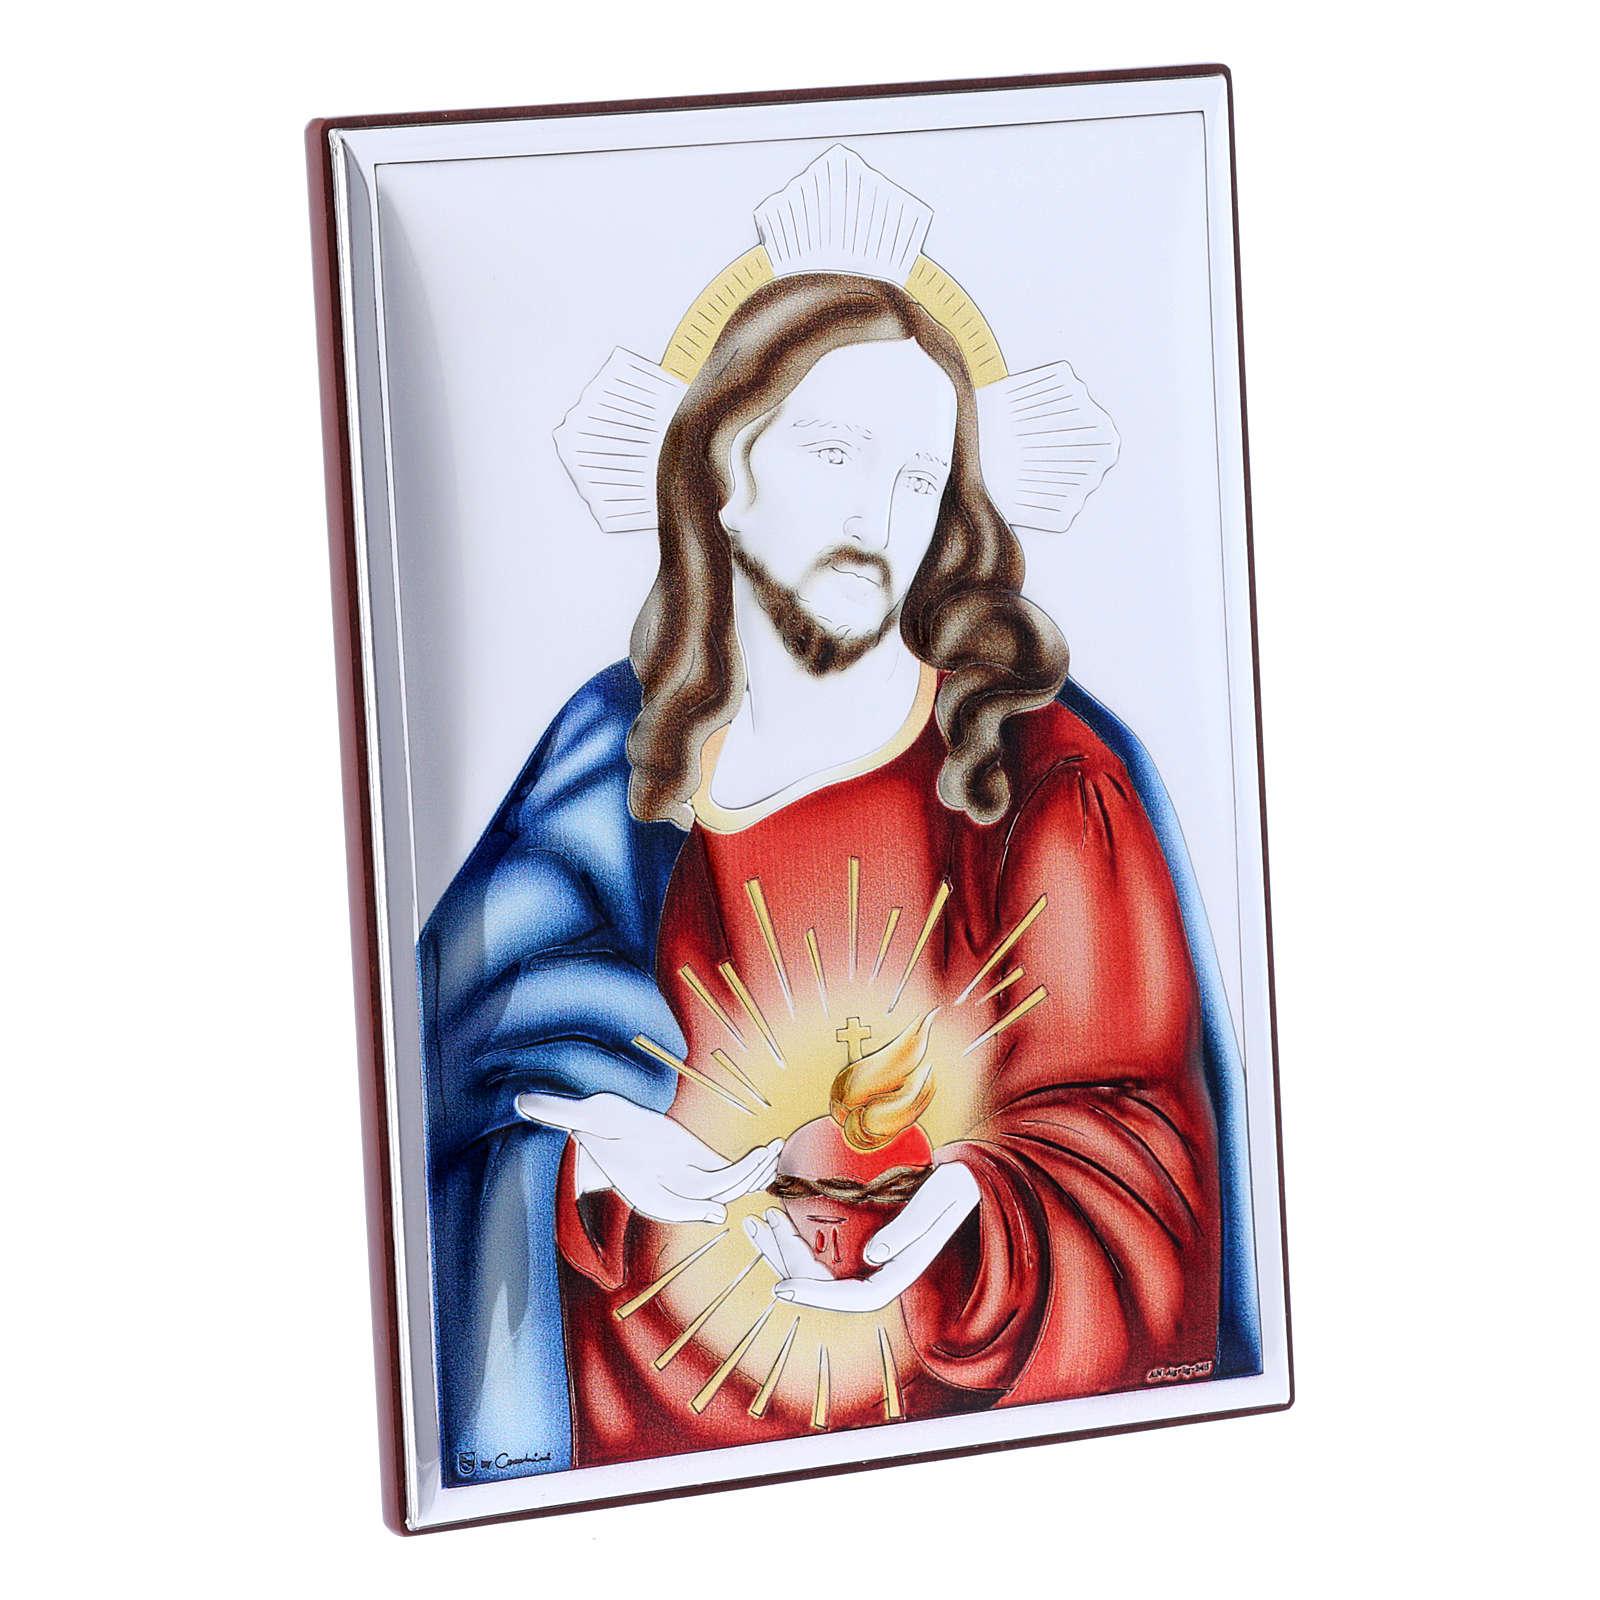 Quadro in bilaminato con retro in legno pregiato Sacro cuore di Gesù 18X13 cm 4